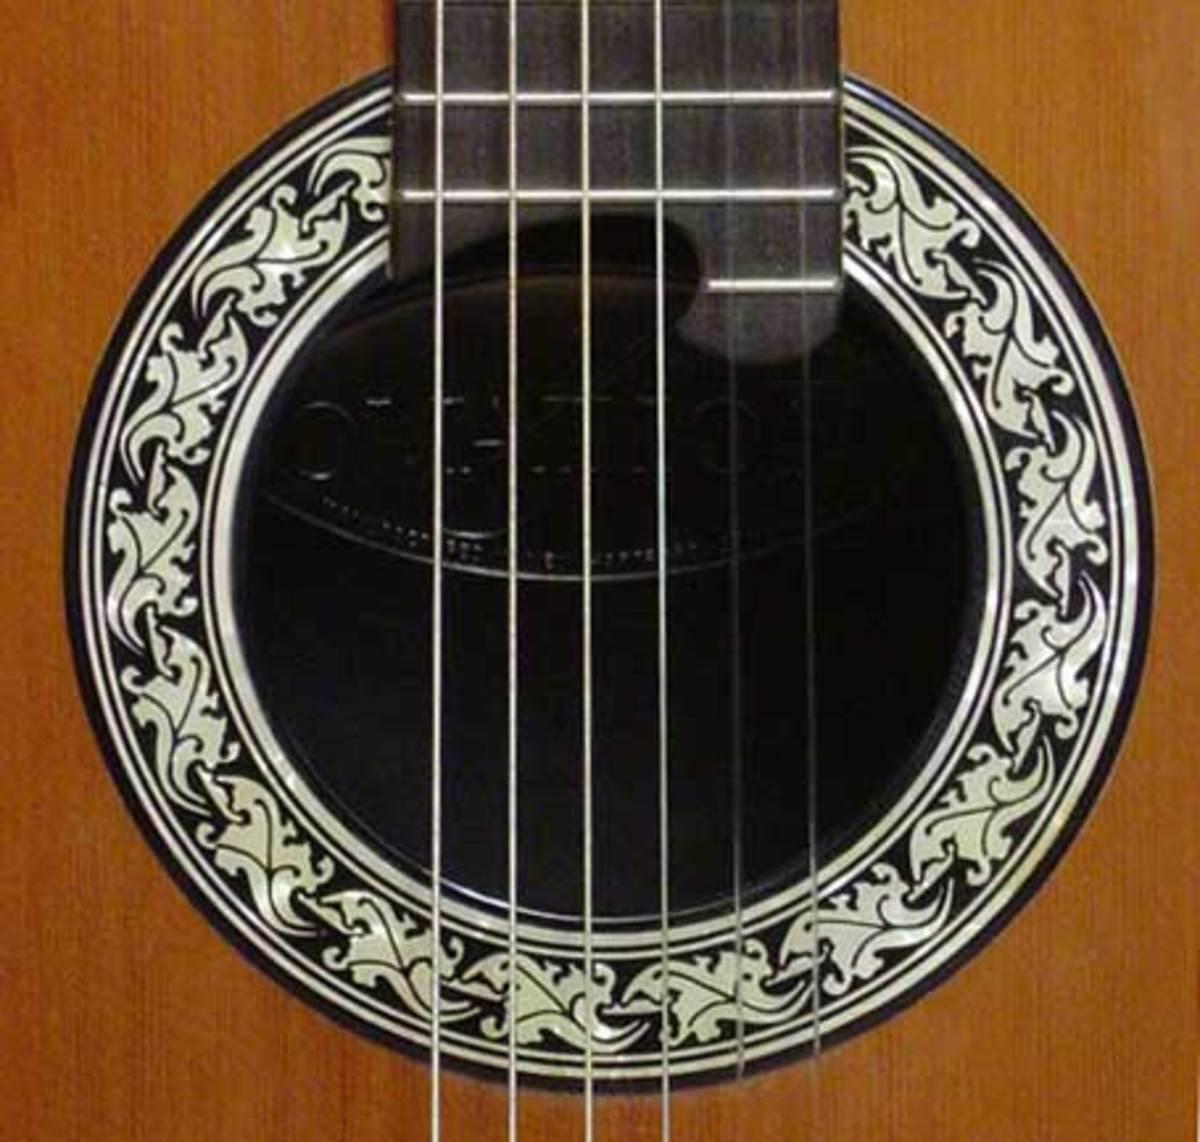 haiku-guitar